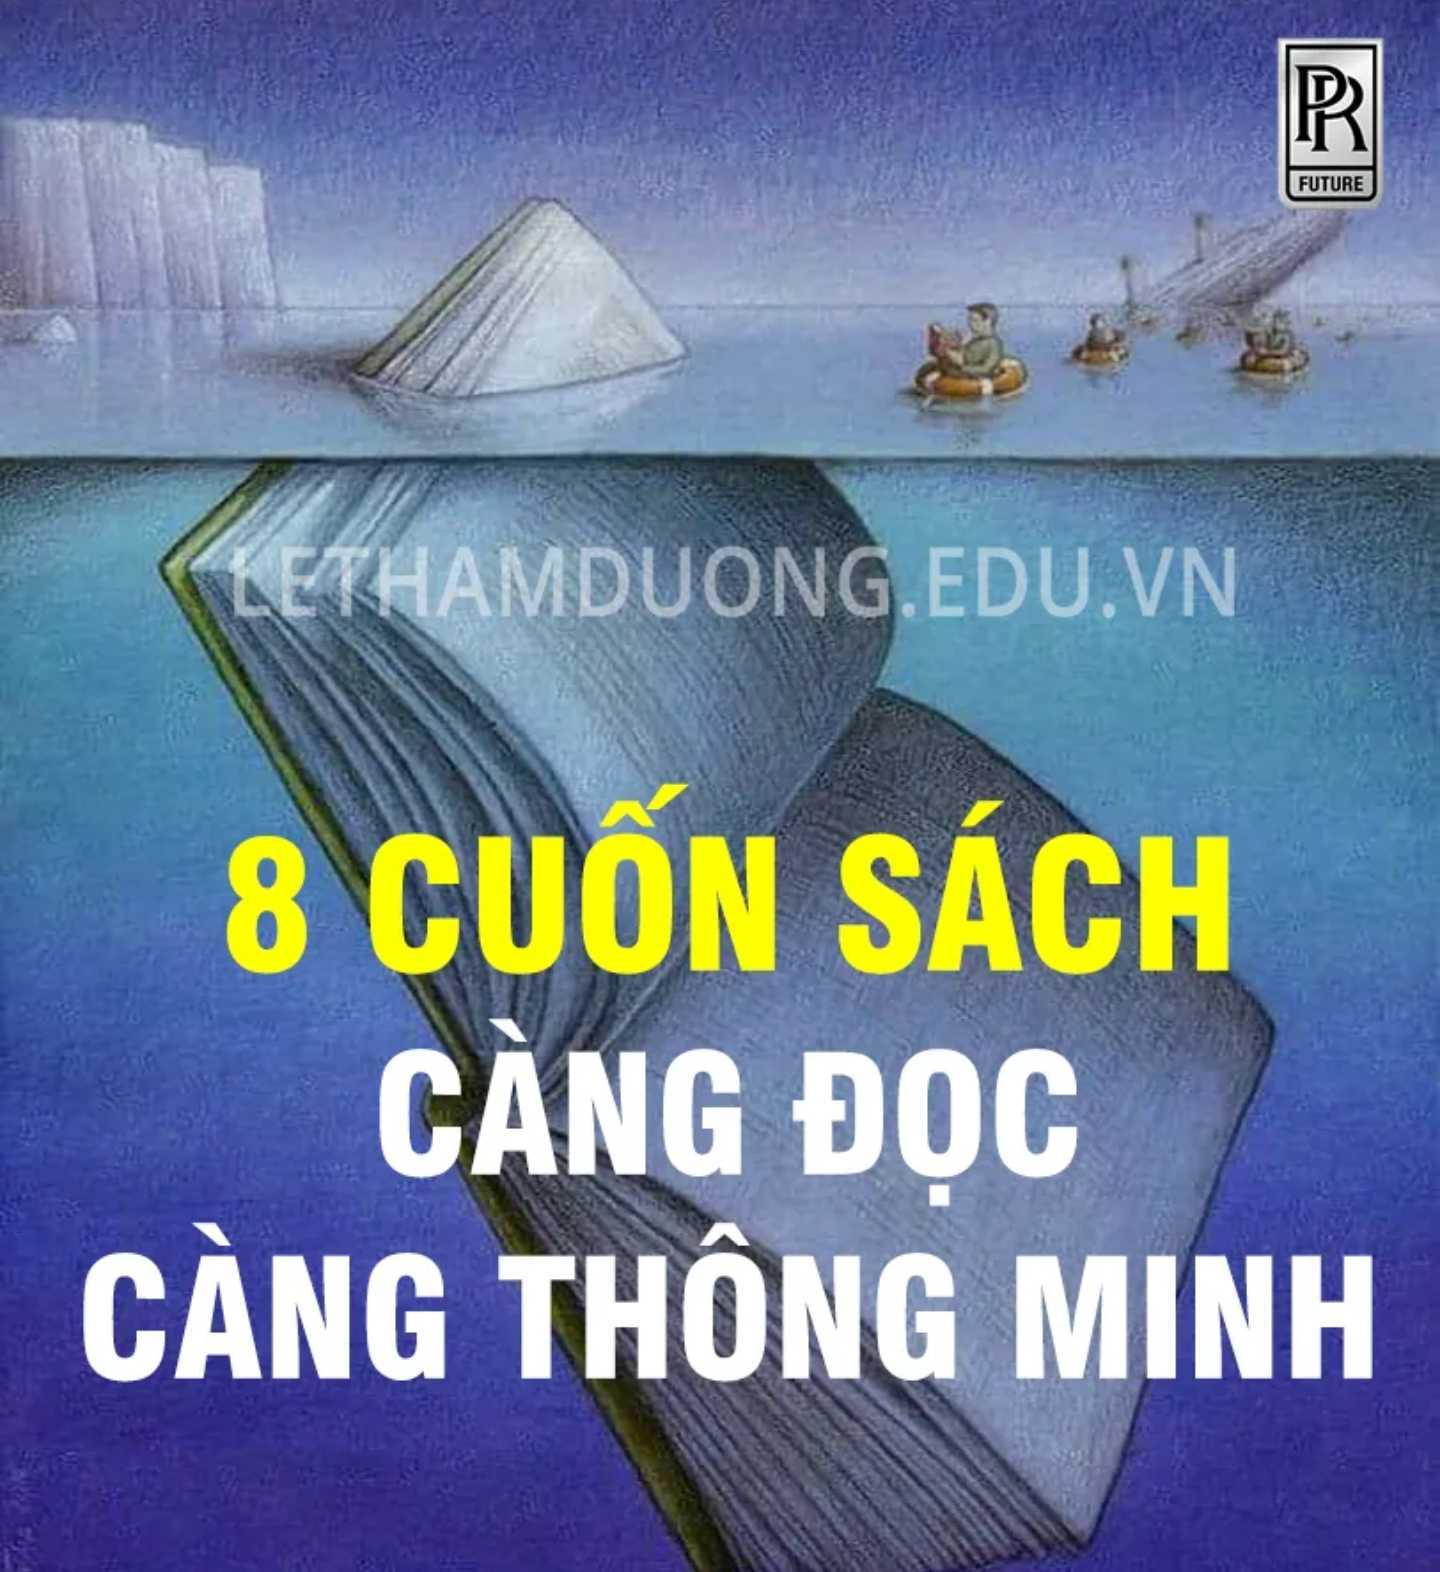 8 CUỐN SÁCH CÀNG ĐỌC CÀNG THÔNG MINH